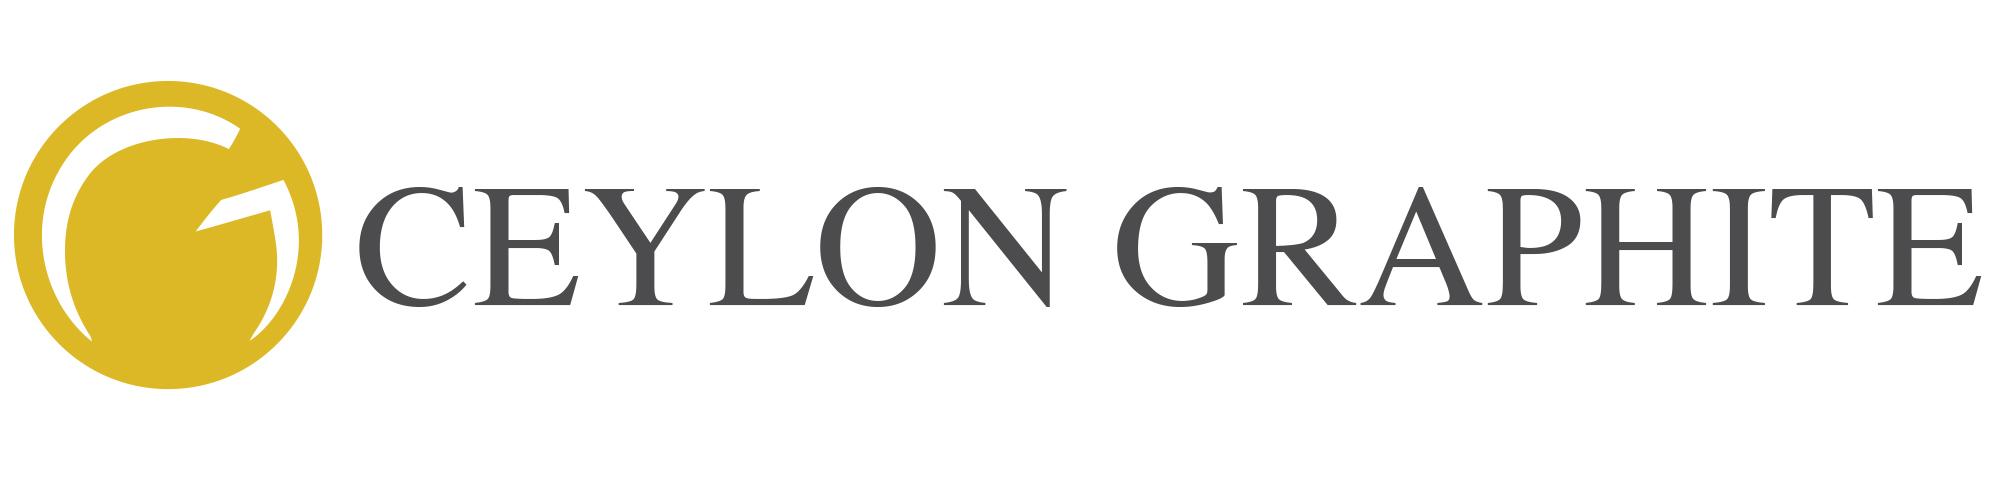 Hallgarten & Company Initiates Coverage of Ceylon Graphite